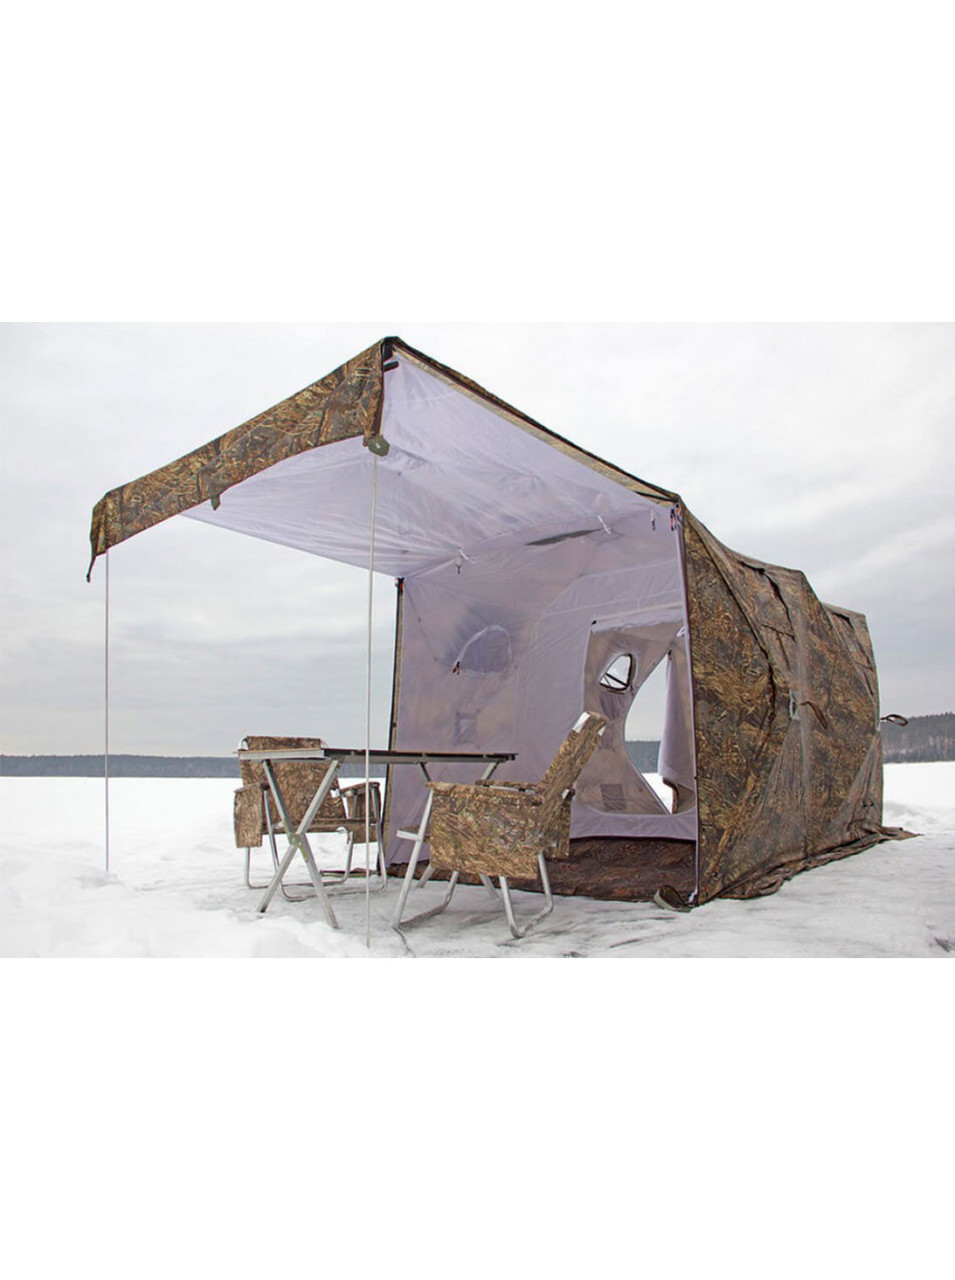 Палатка всесезонная Берег Кубоид 3.60 двухслойная, непромокаемый пол из ПВХ размер 3,6 x 1,8 x 1,9 м - фото 4